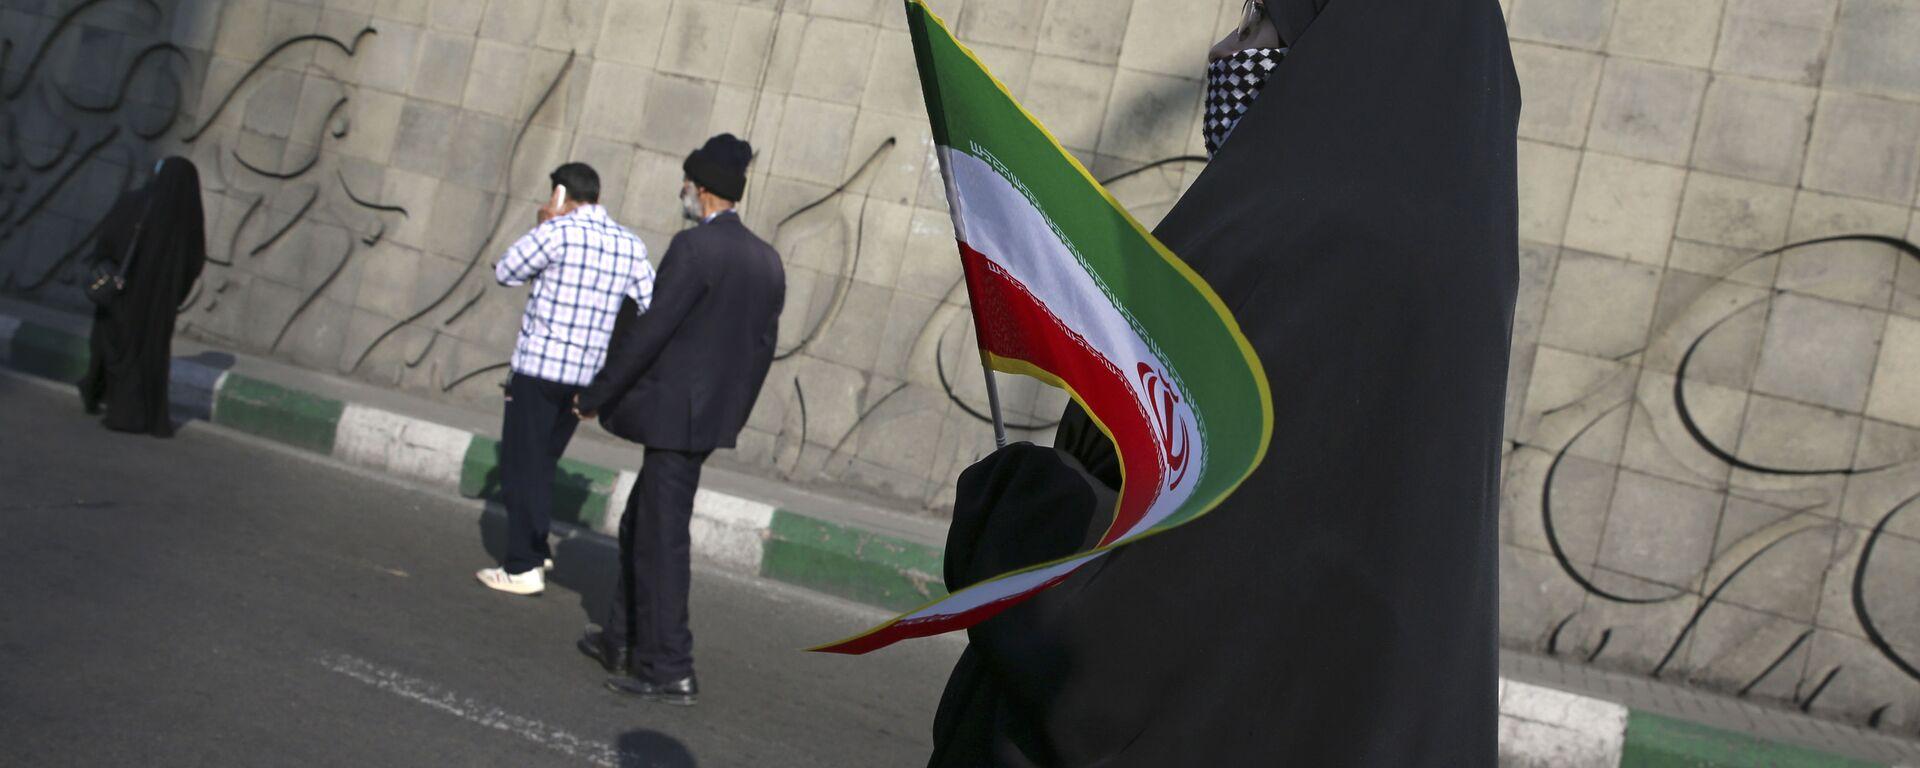 Kobieta z irańską flagą na ulicy Teheranu - Sputnik Polska, 1920, 01.08.2021